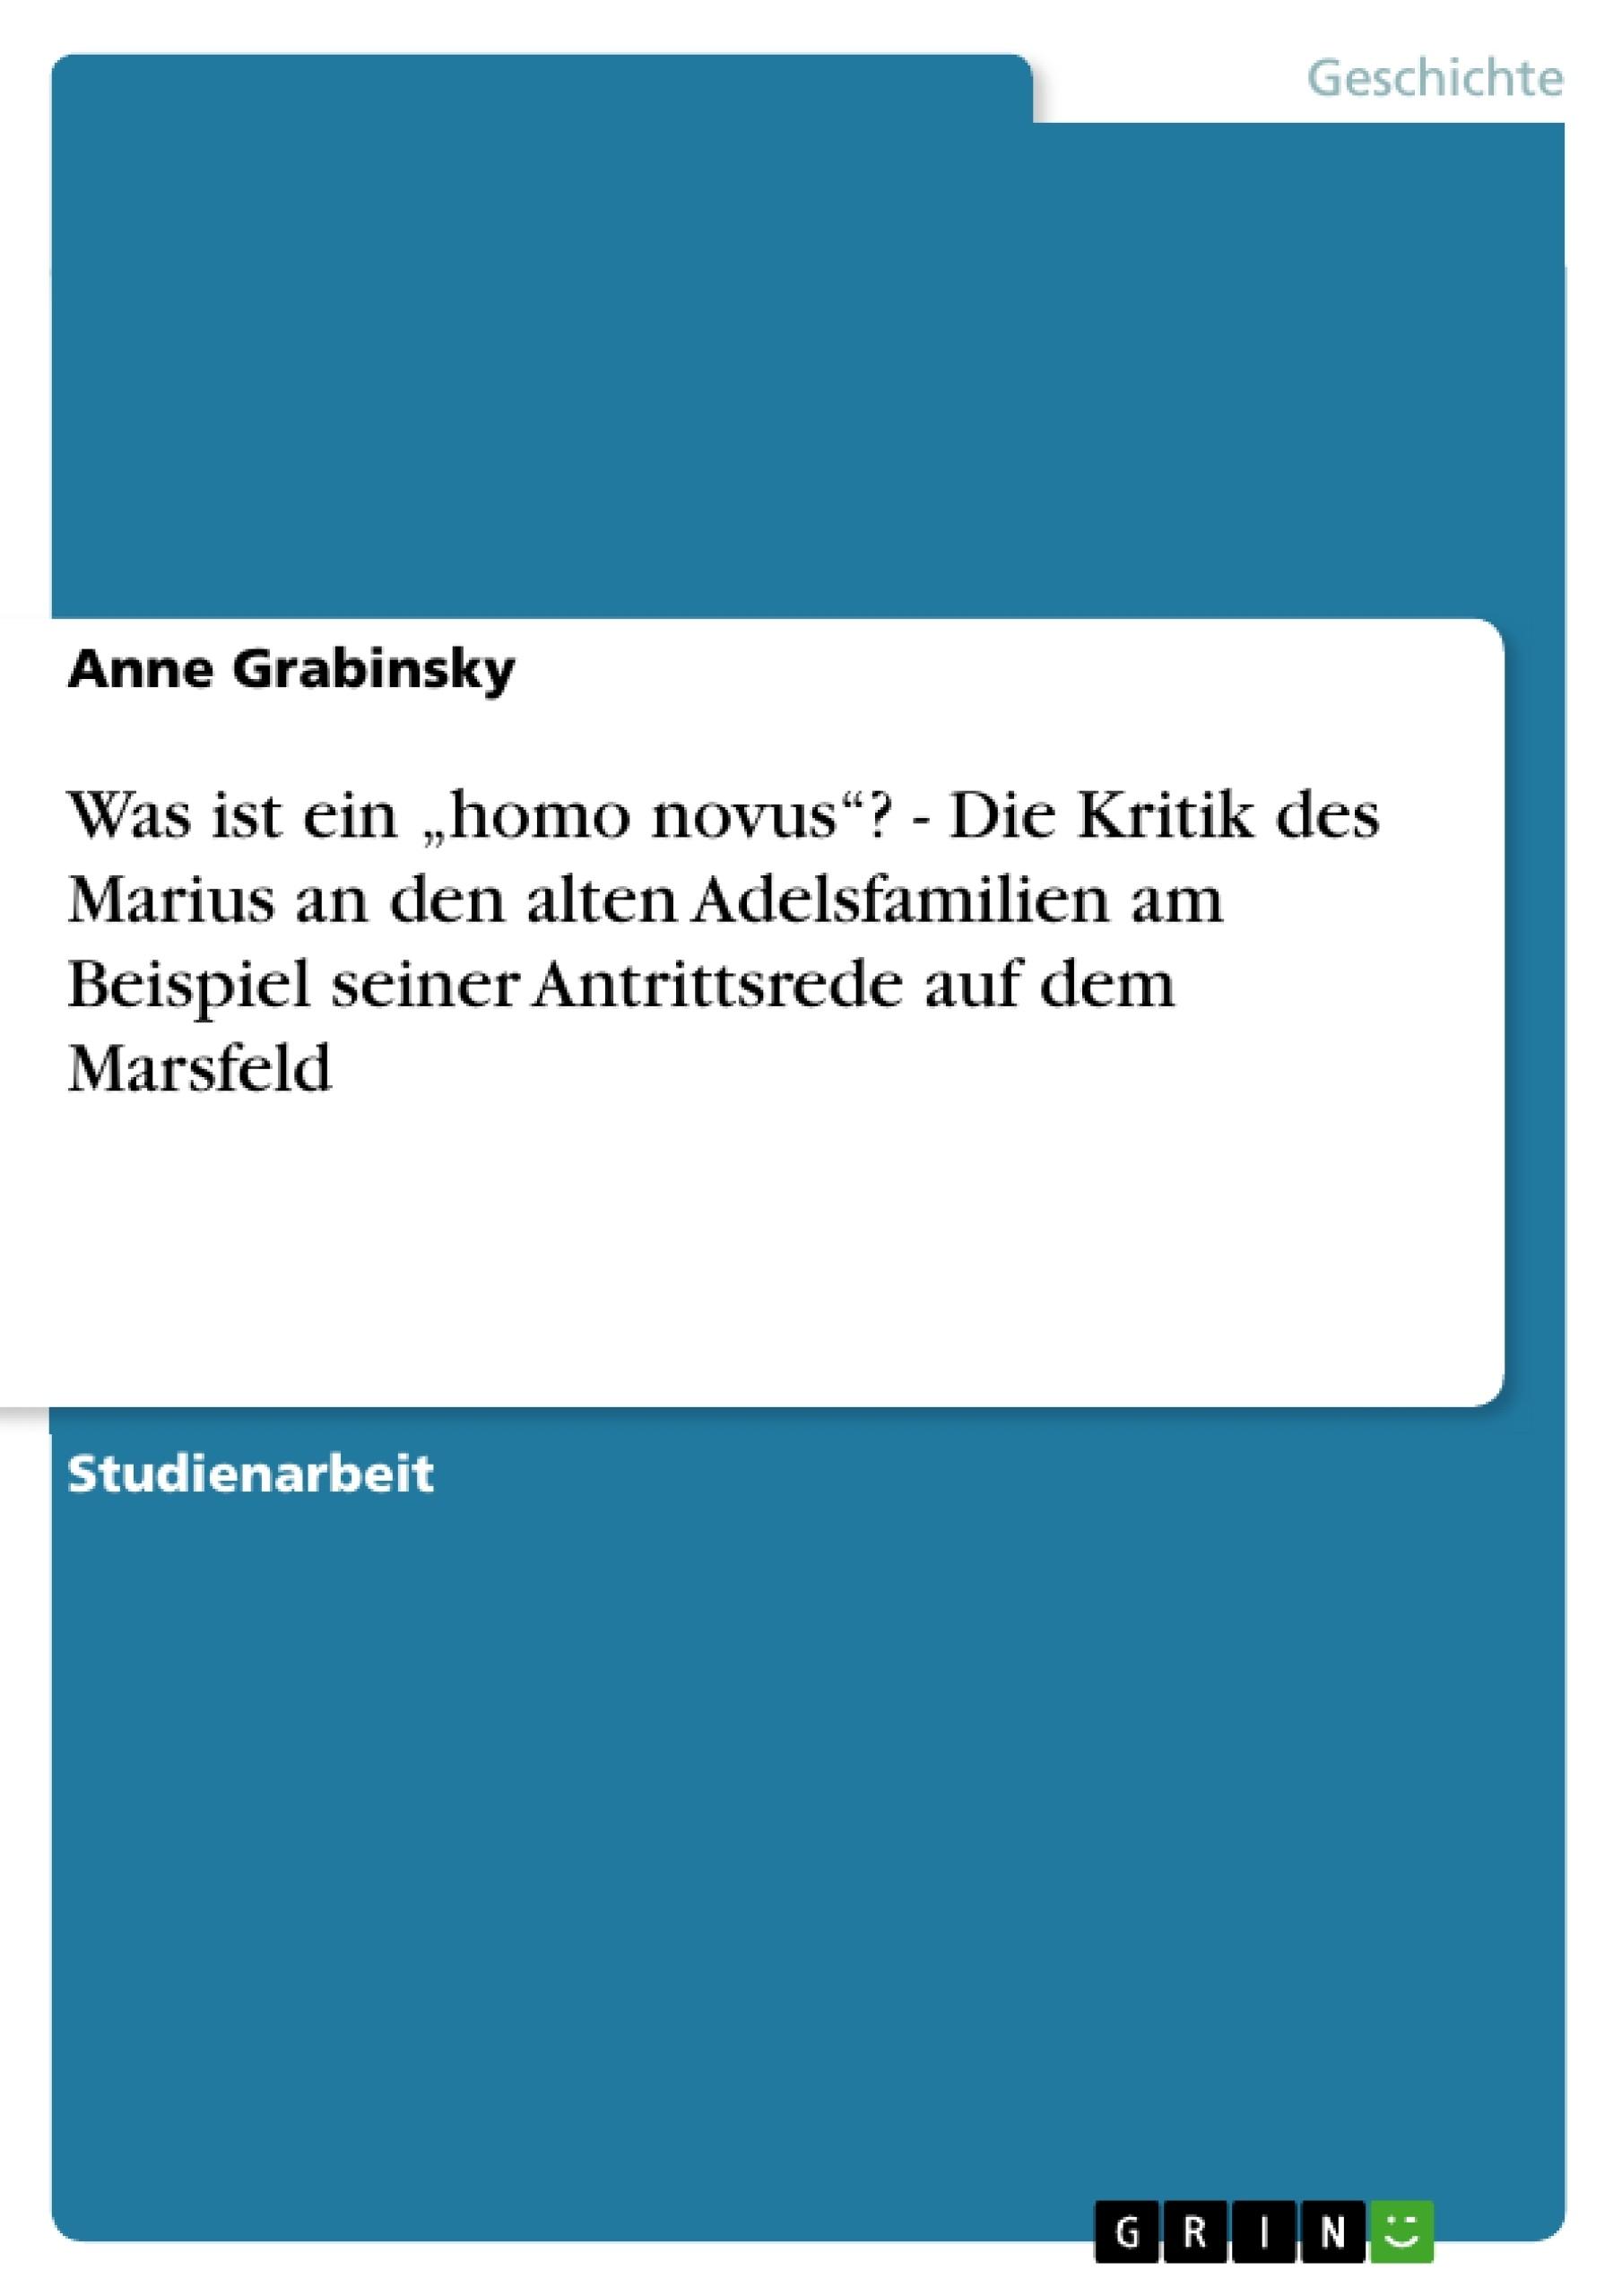 """Titel: Was ist ein """"homo novus""""? - Die Kritik des Marius an den alten Adelsfamilien am Beispiel seiner Antrittsrede auf dem Marsfeld"""